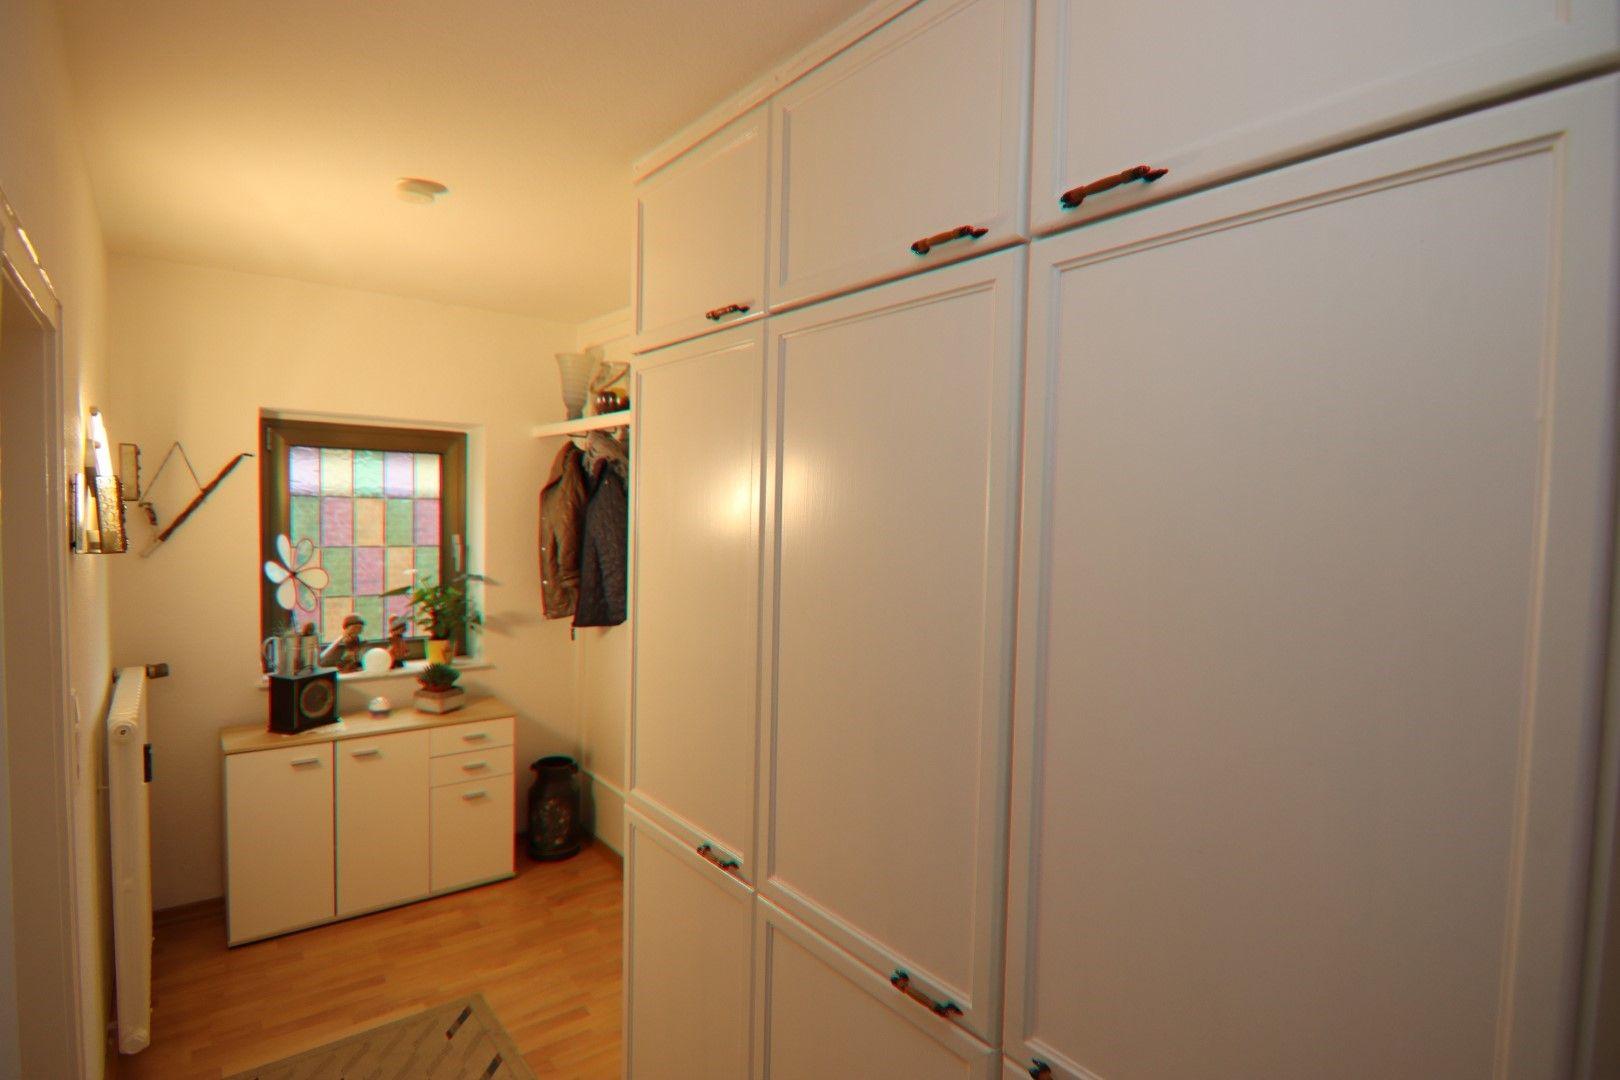 Immobilie Nr.0286 - 2,5 Zimmer Wohnung mit großem Balkon. - Bild 15.jpg